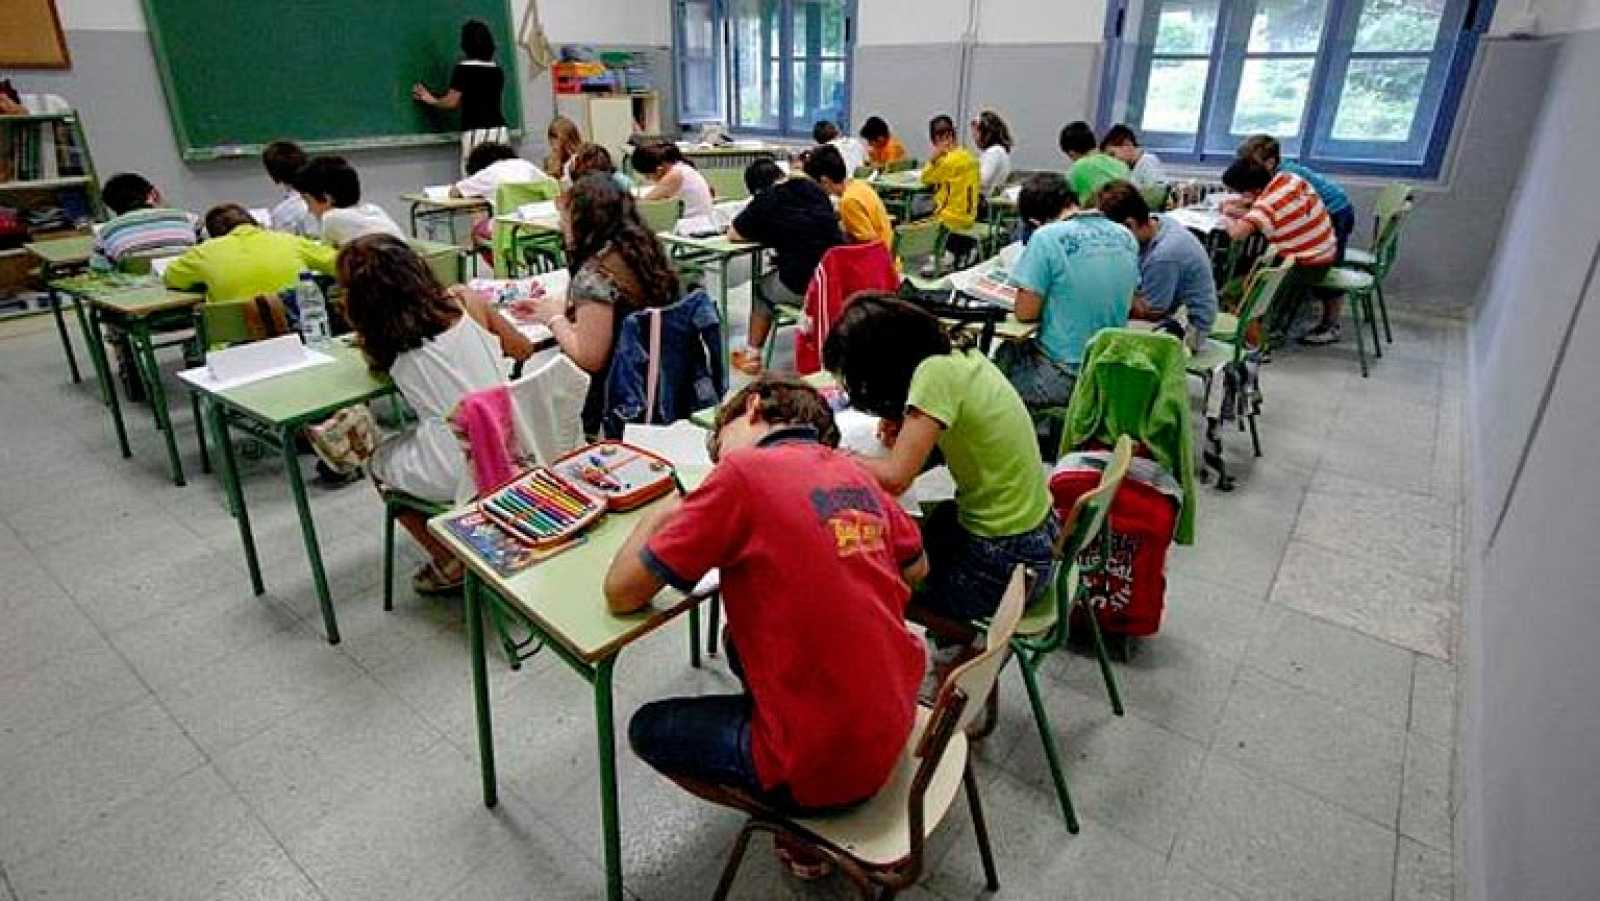 Los alumnos españoles, a la cola de los países de la OCDE en resolver asuntos cotidianos